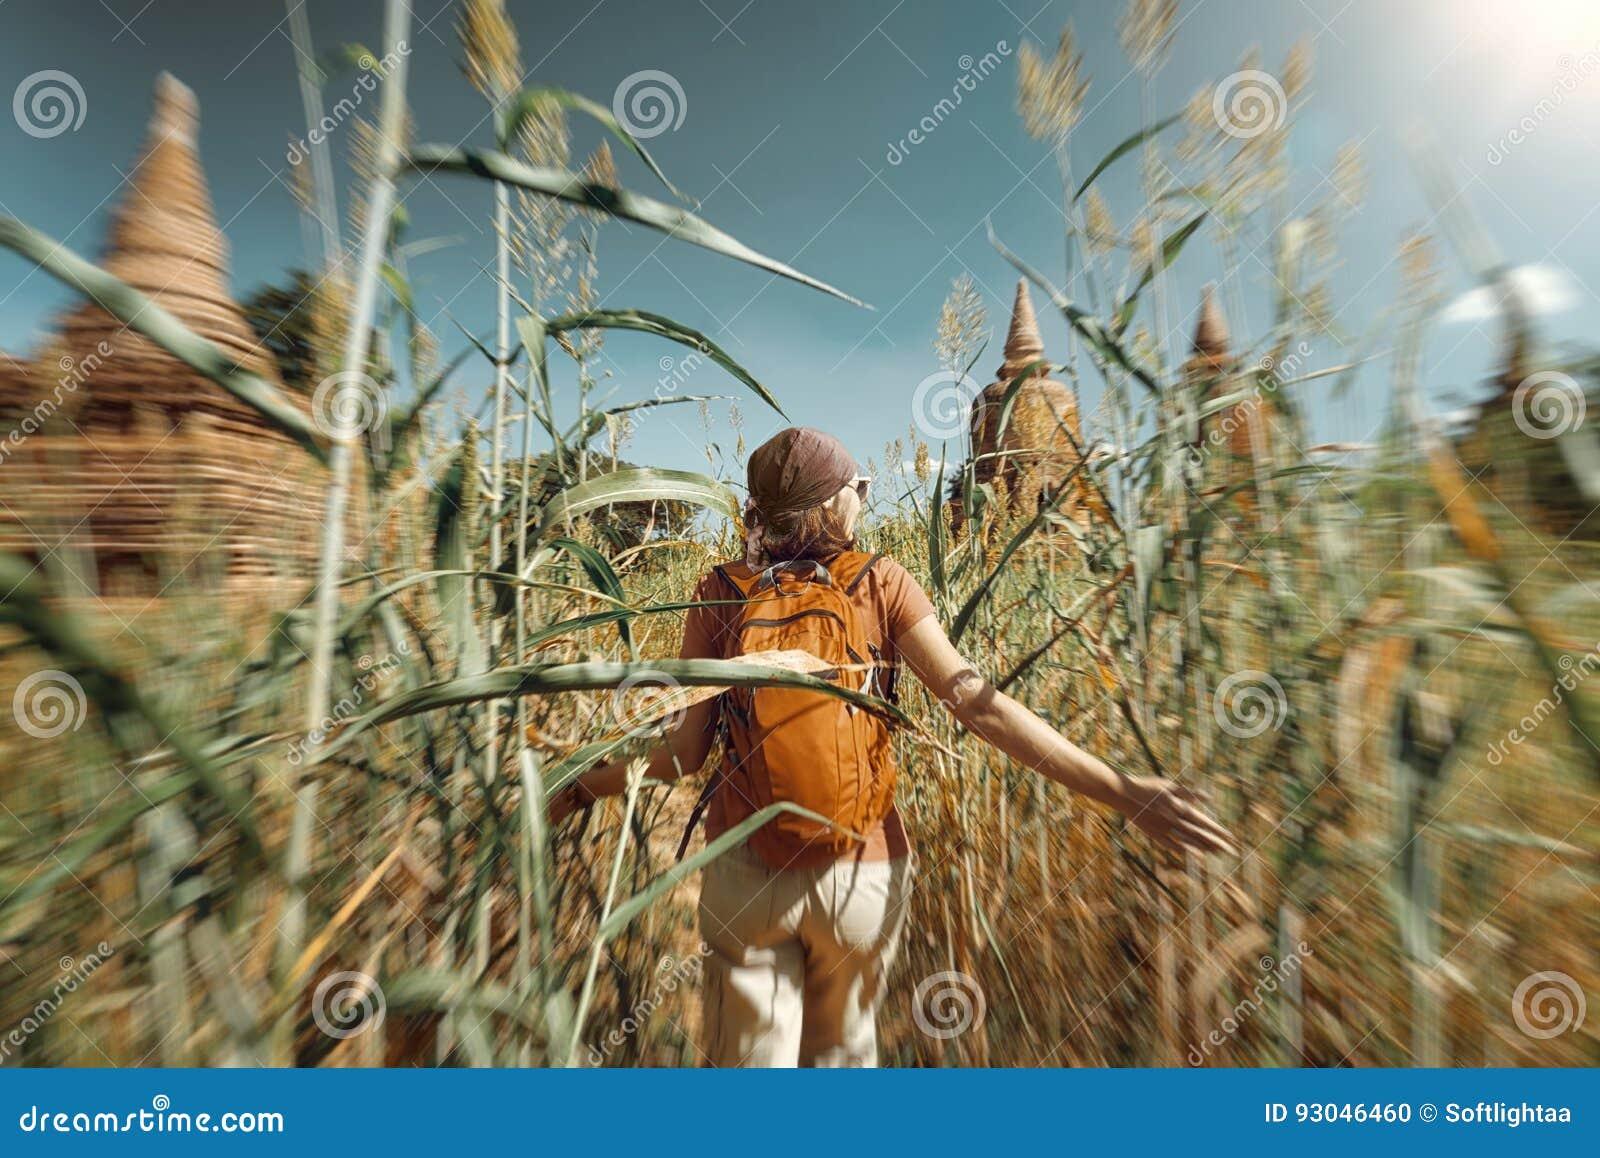 Ταξιδιώτης γυναικών με ένα σακίδιο πλάτης που οργανώνεται μέσω του τομέα στο αρχαίο stup